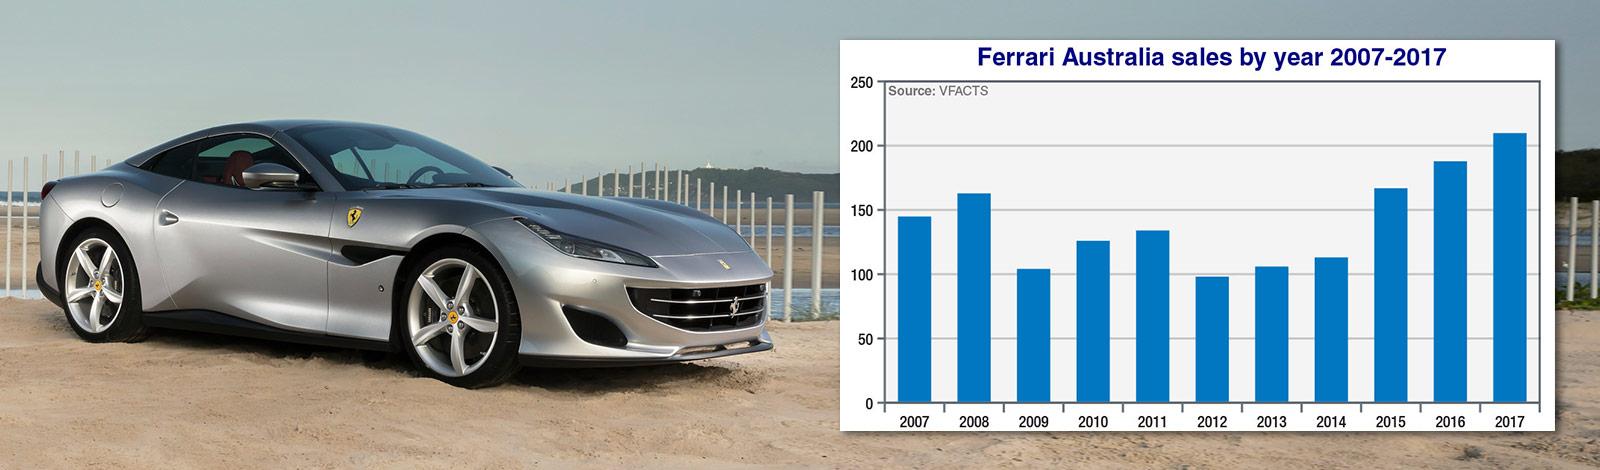 Ferrari Predicts Sales Boom To Continue